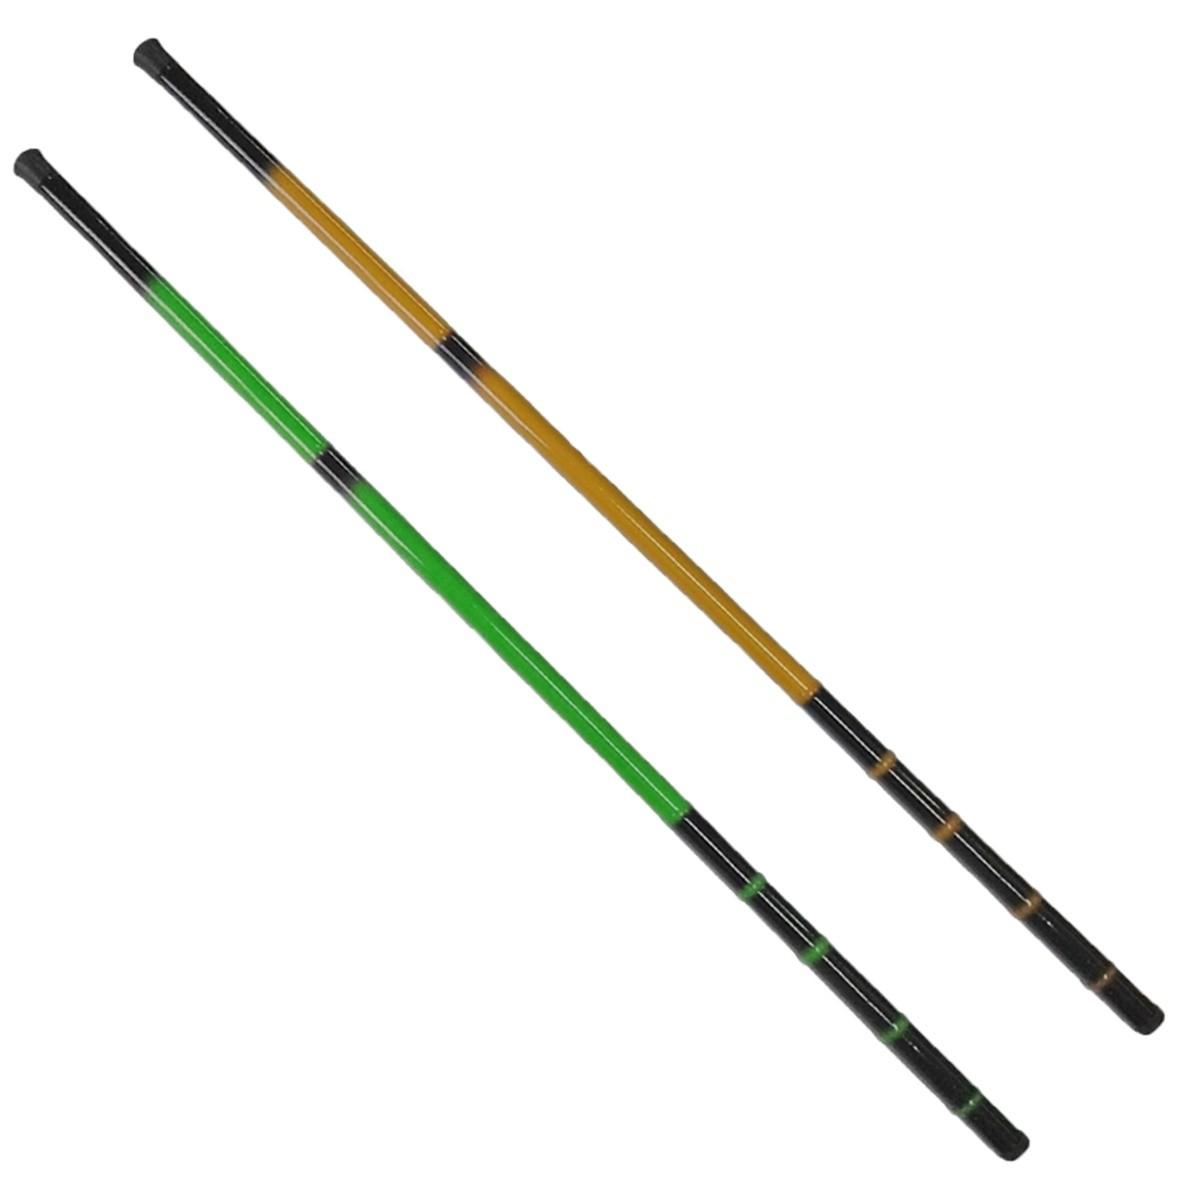 Vara De Mão Telescópica 1 De 2,40m 1 De 2,70m Fibra De Vidro